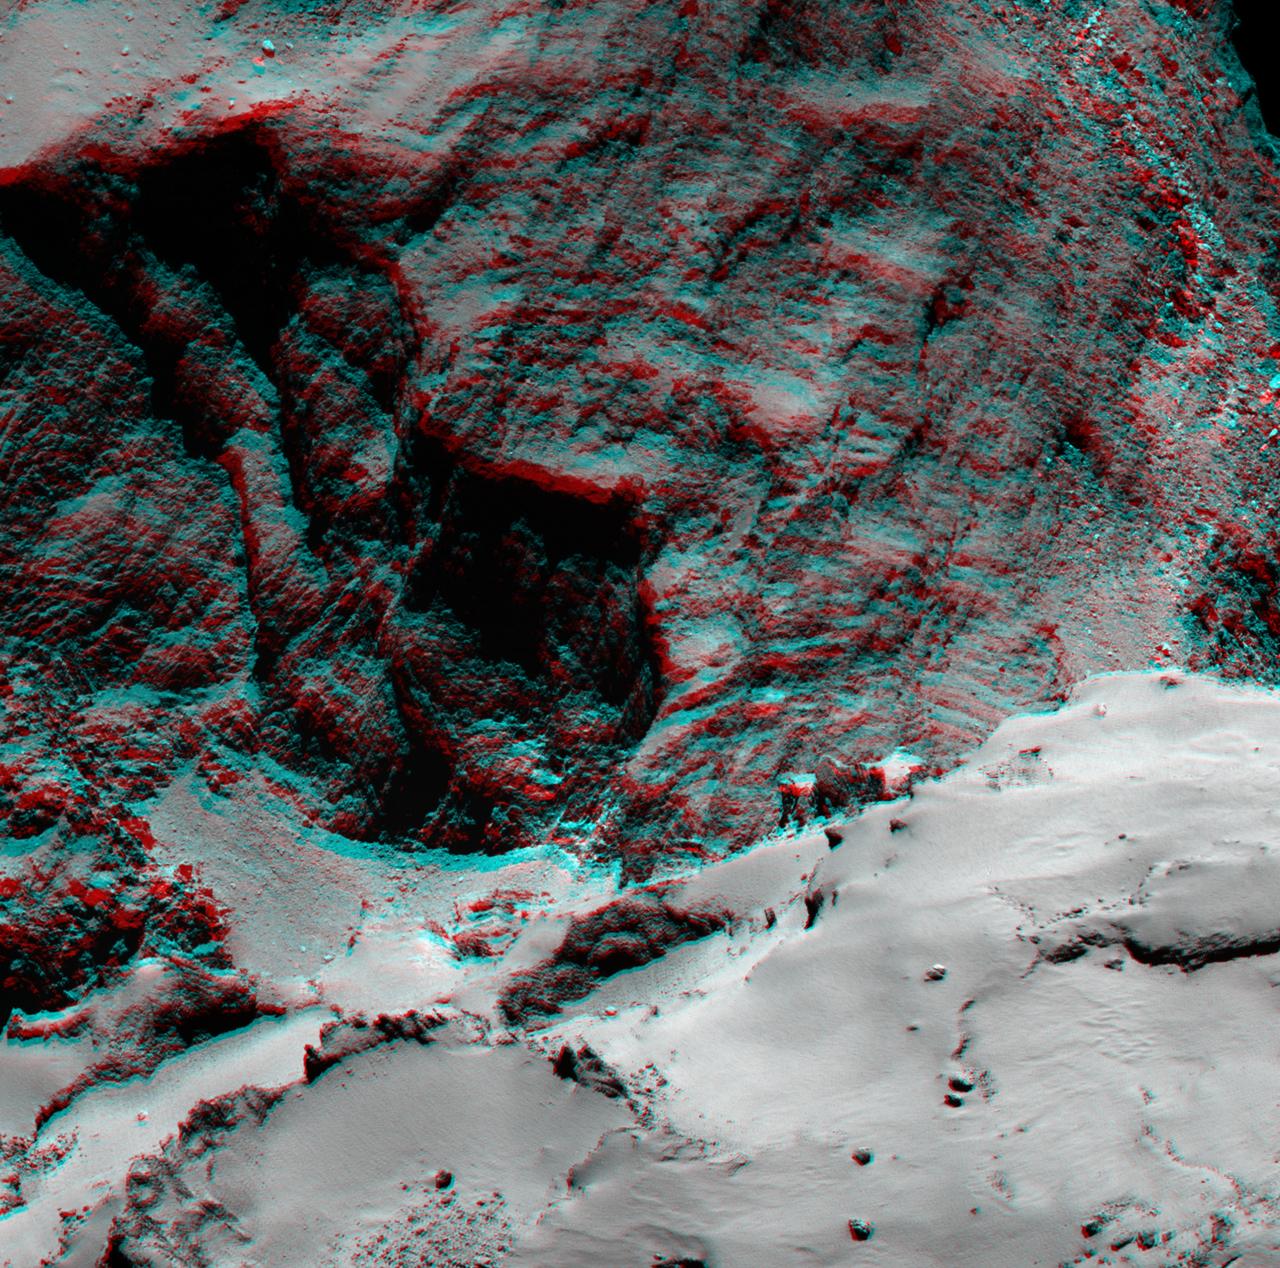 1567215807854-ESA_Rosetta_OSIRIS_Hathor_anaglyph_1280.jpg